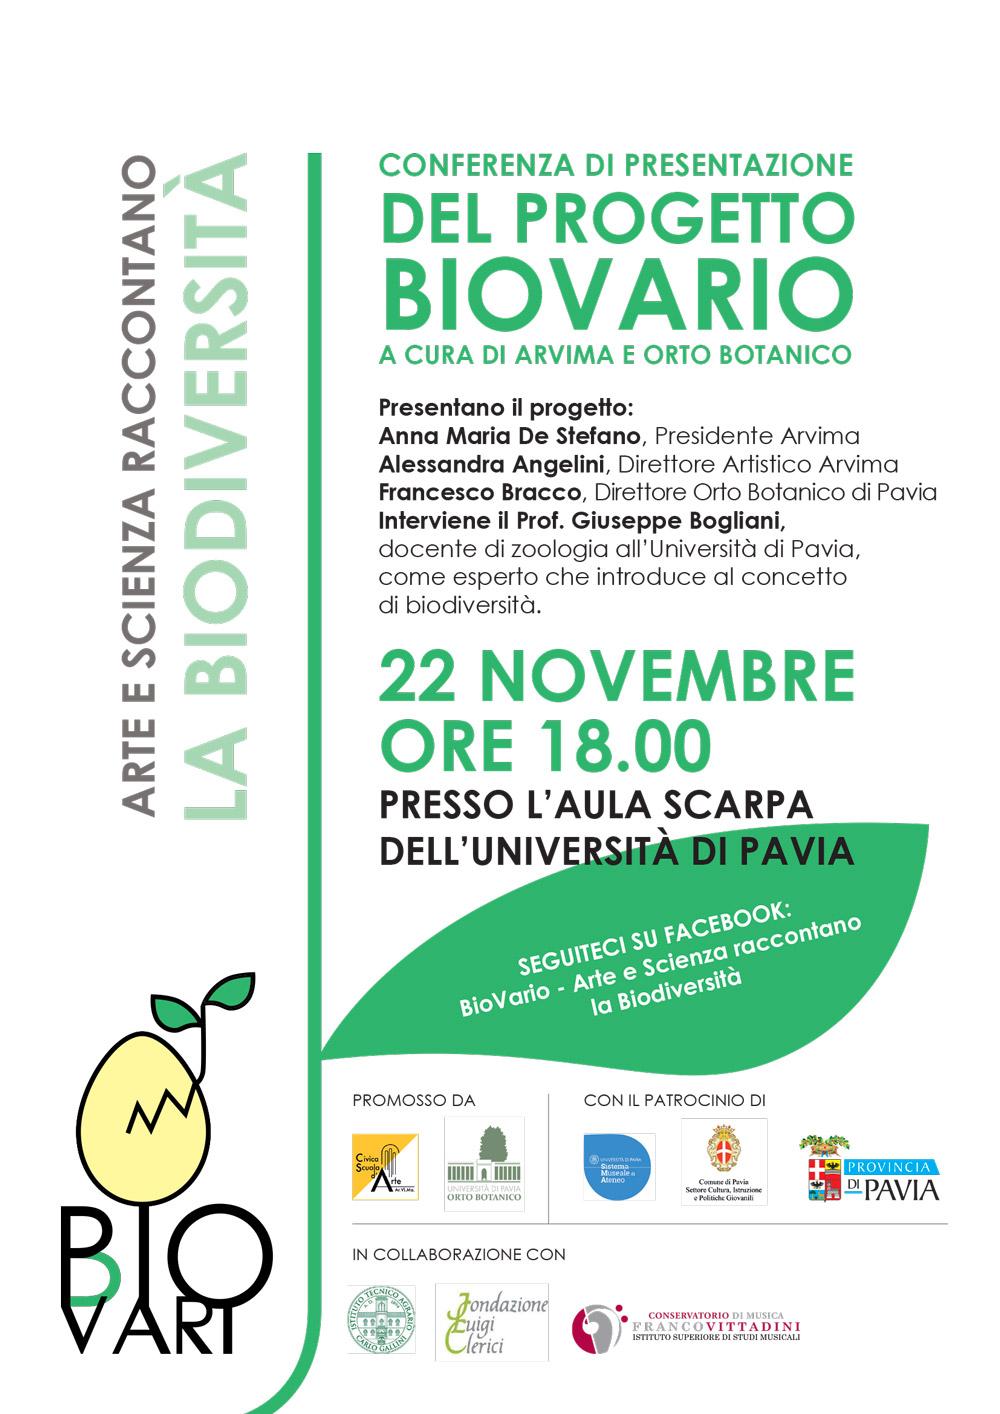 Comunicato-Stampa-BioVario-3